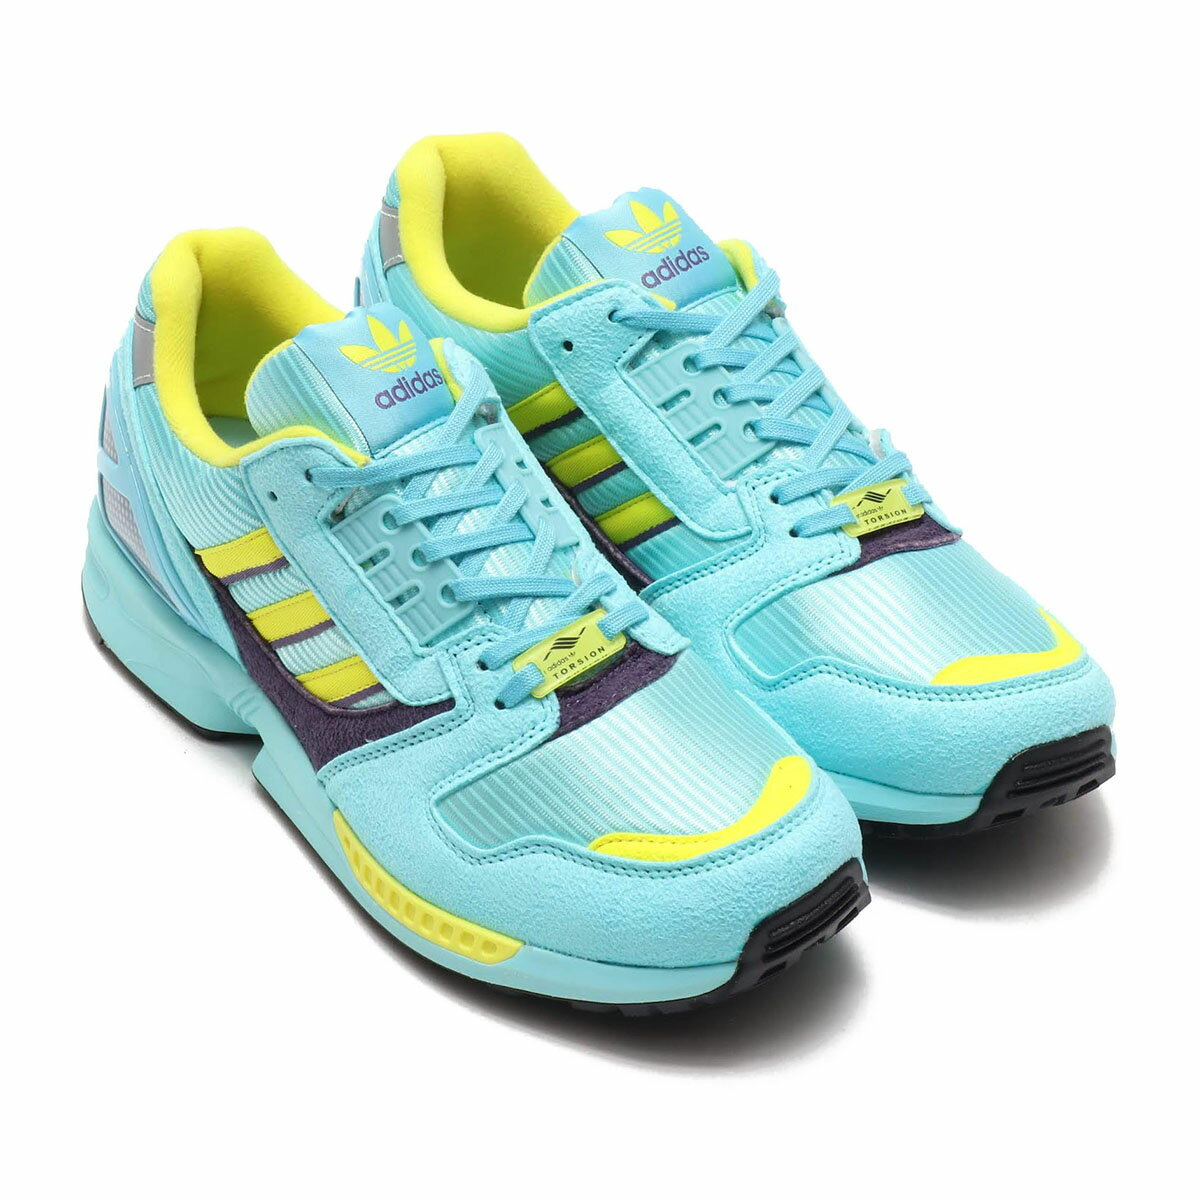 メンズ靴, スニーカー adidas ZX 8000( 8000)CLEAR AQUARIGHT AQUASHOCK YELLOW 20SS-S